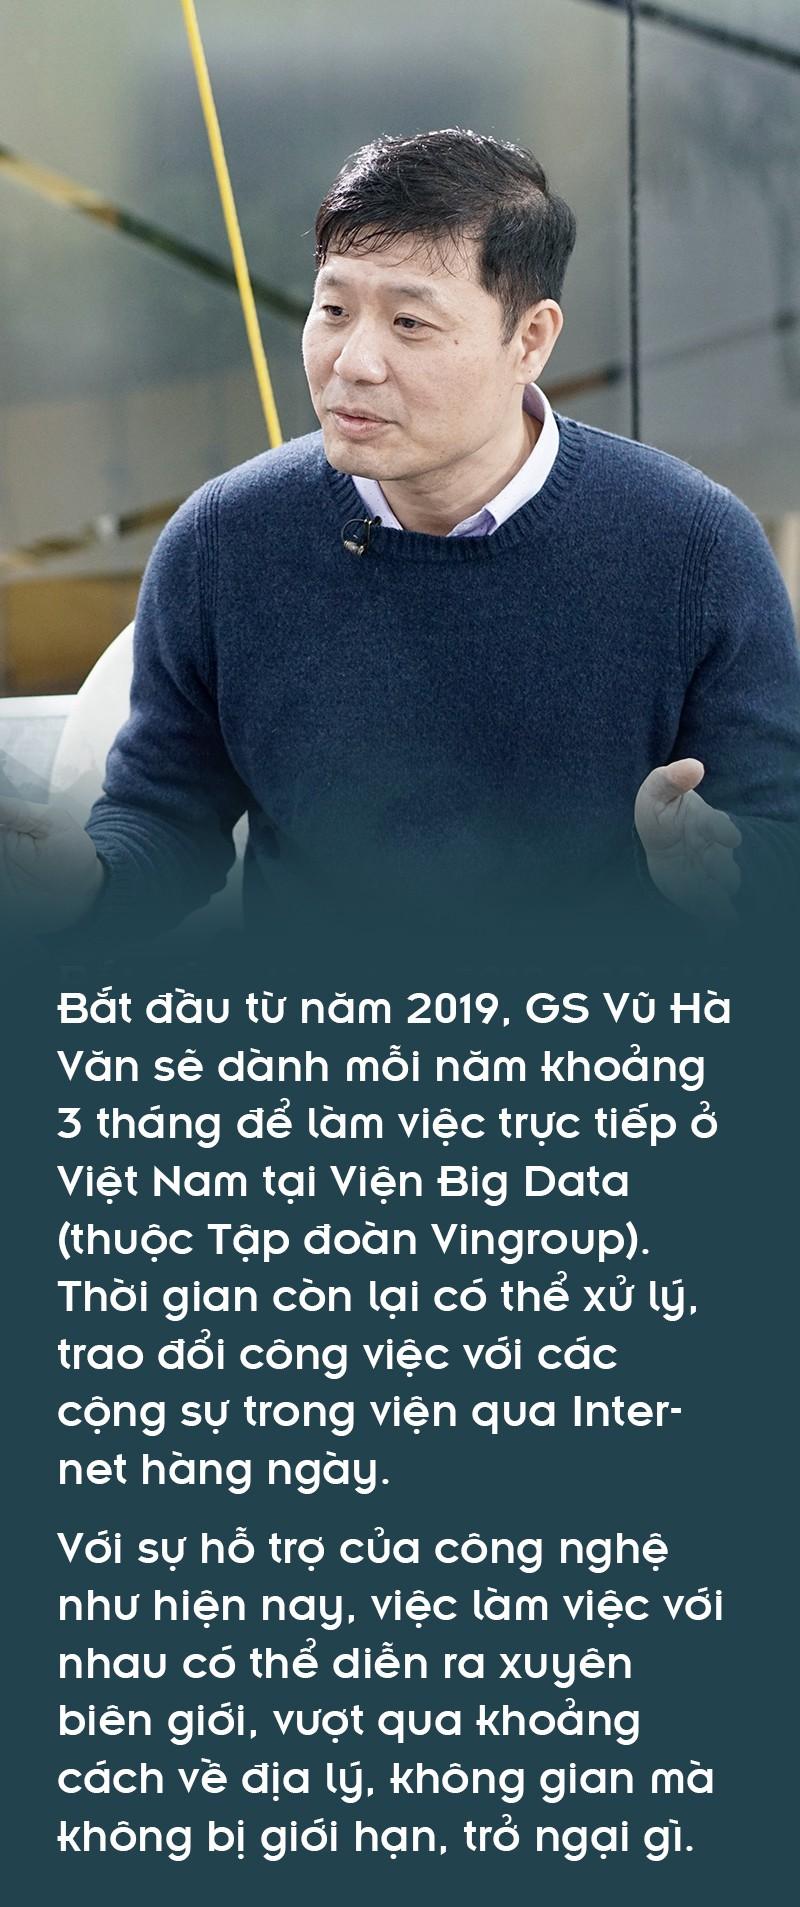 Giáo sư Vũ Hà Văn: Từ toán học đến nghiên cứu giải mã gen người Việt - Ảnh 1.